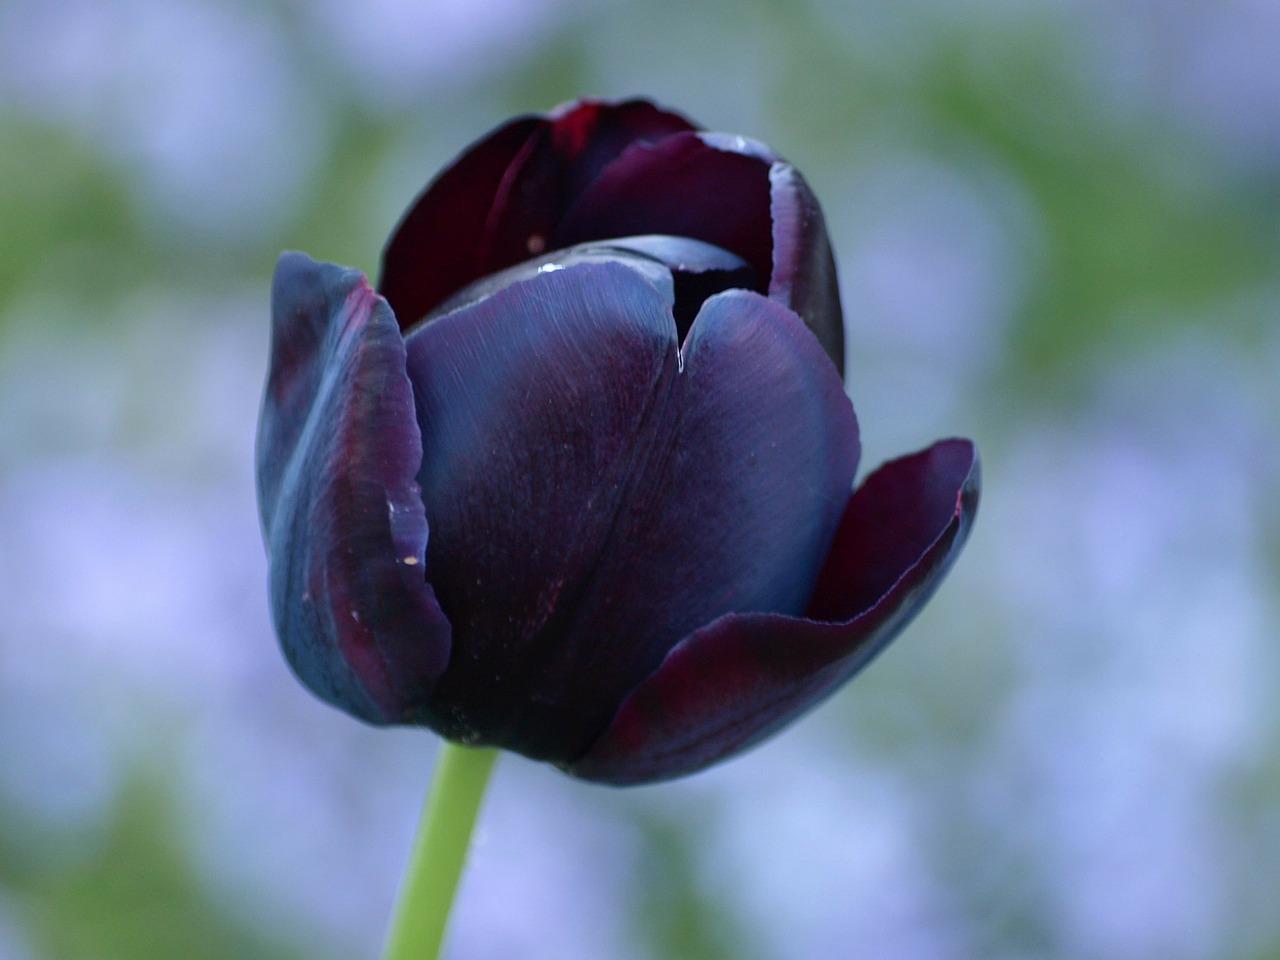 Ảnh Tulip đen đẹp, rực rỡ